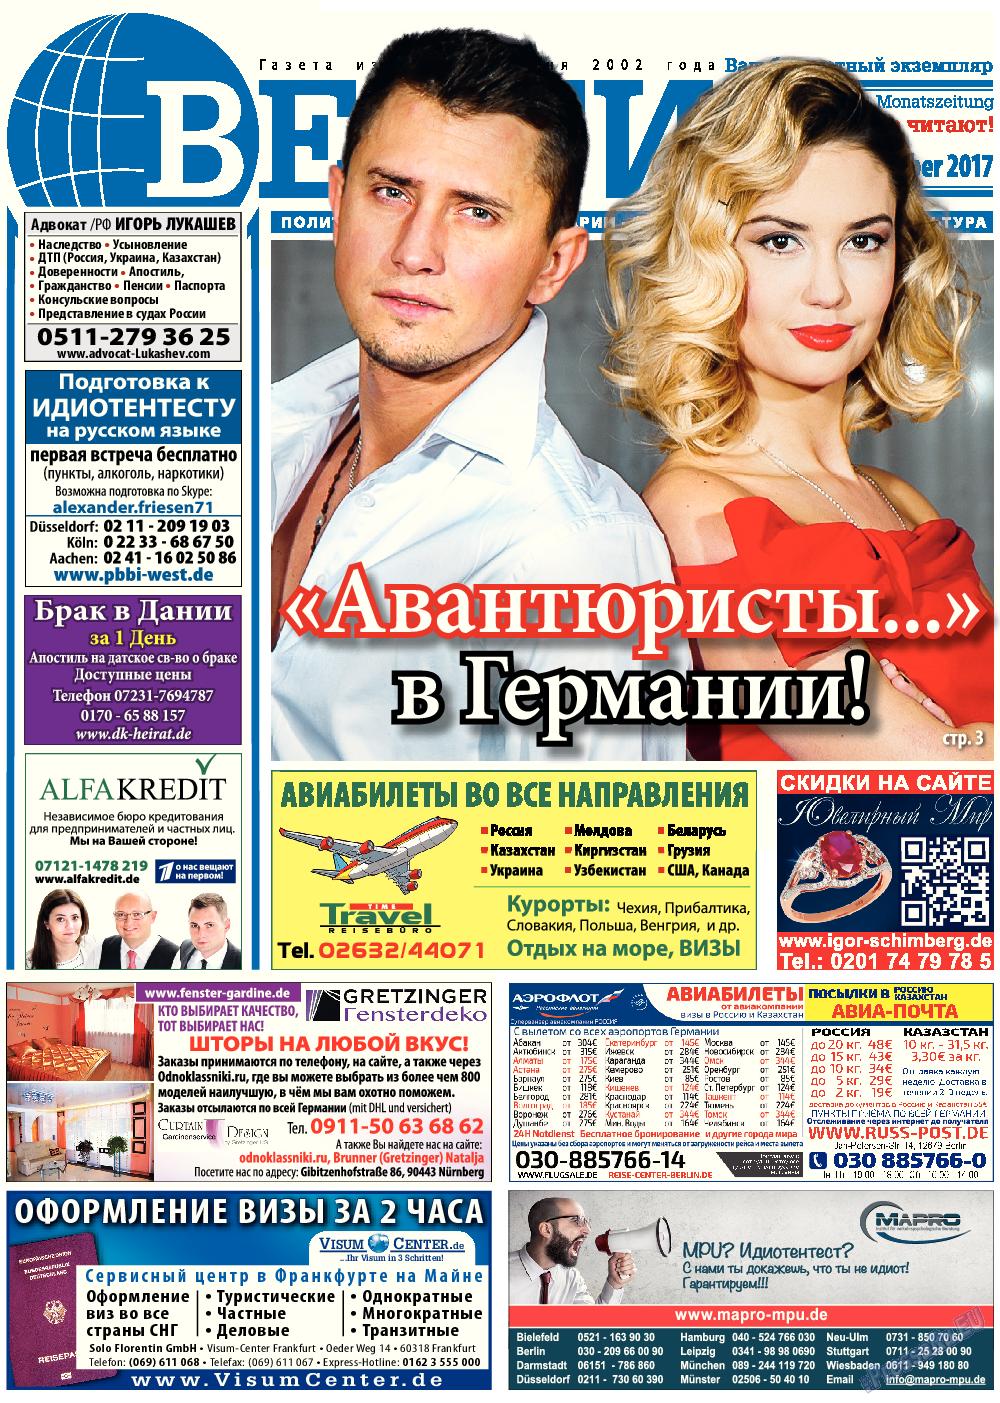 Вести (газета). 2017 год, номер 9, стр. 1